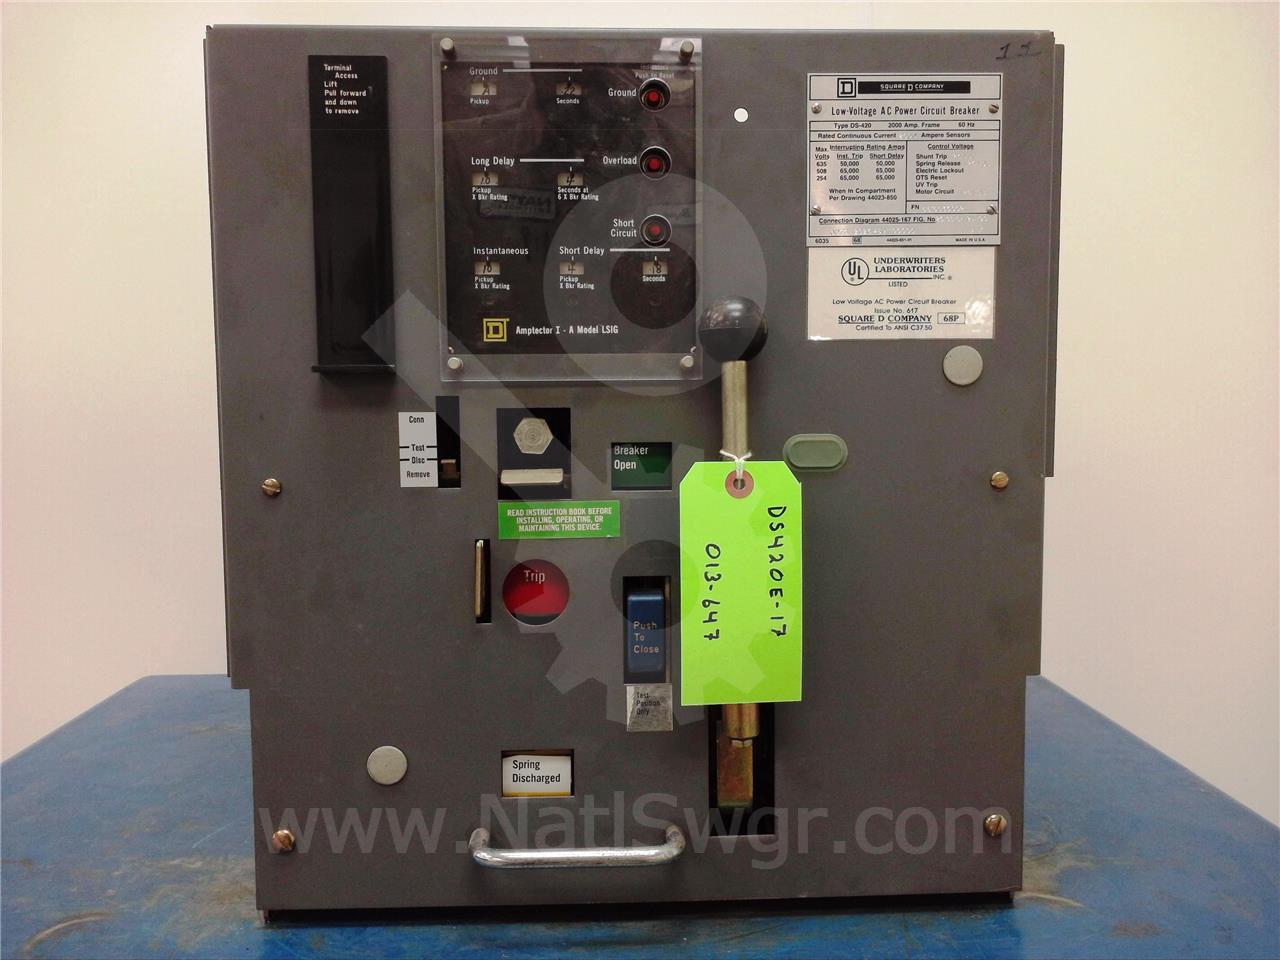 DS-420 2000A Square D/SqD EO/DO 125VDC CONTROL, AMPTECTOR I-A LSIG, 2000A CT